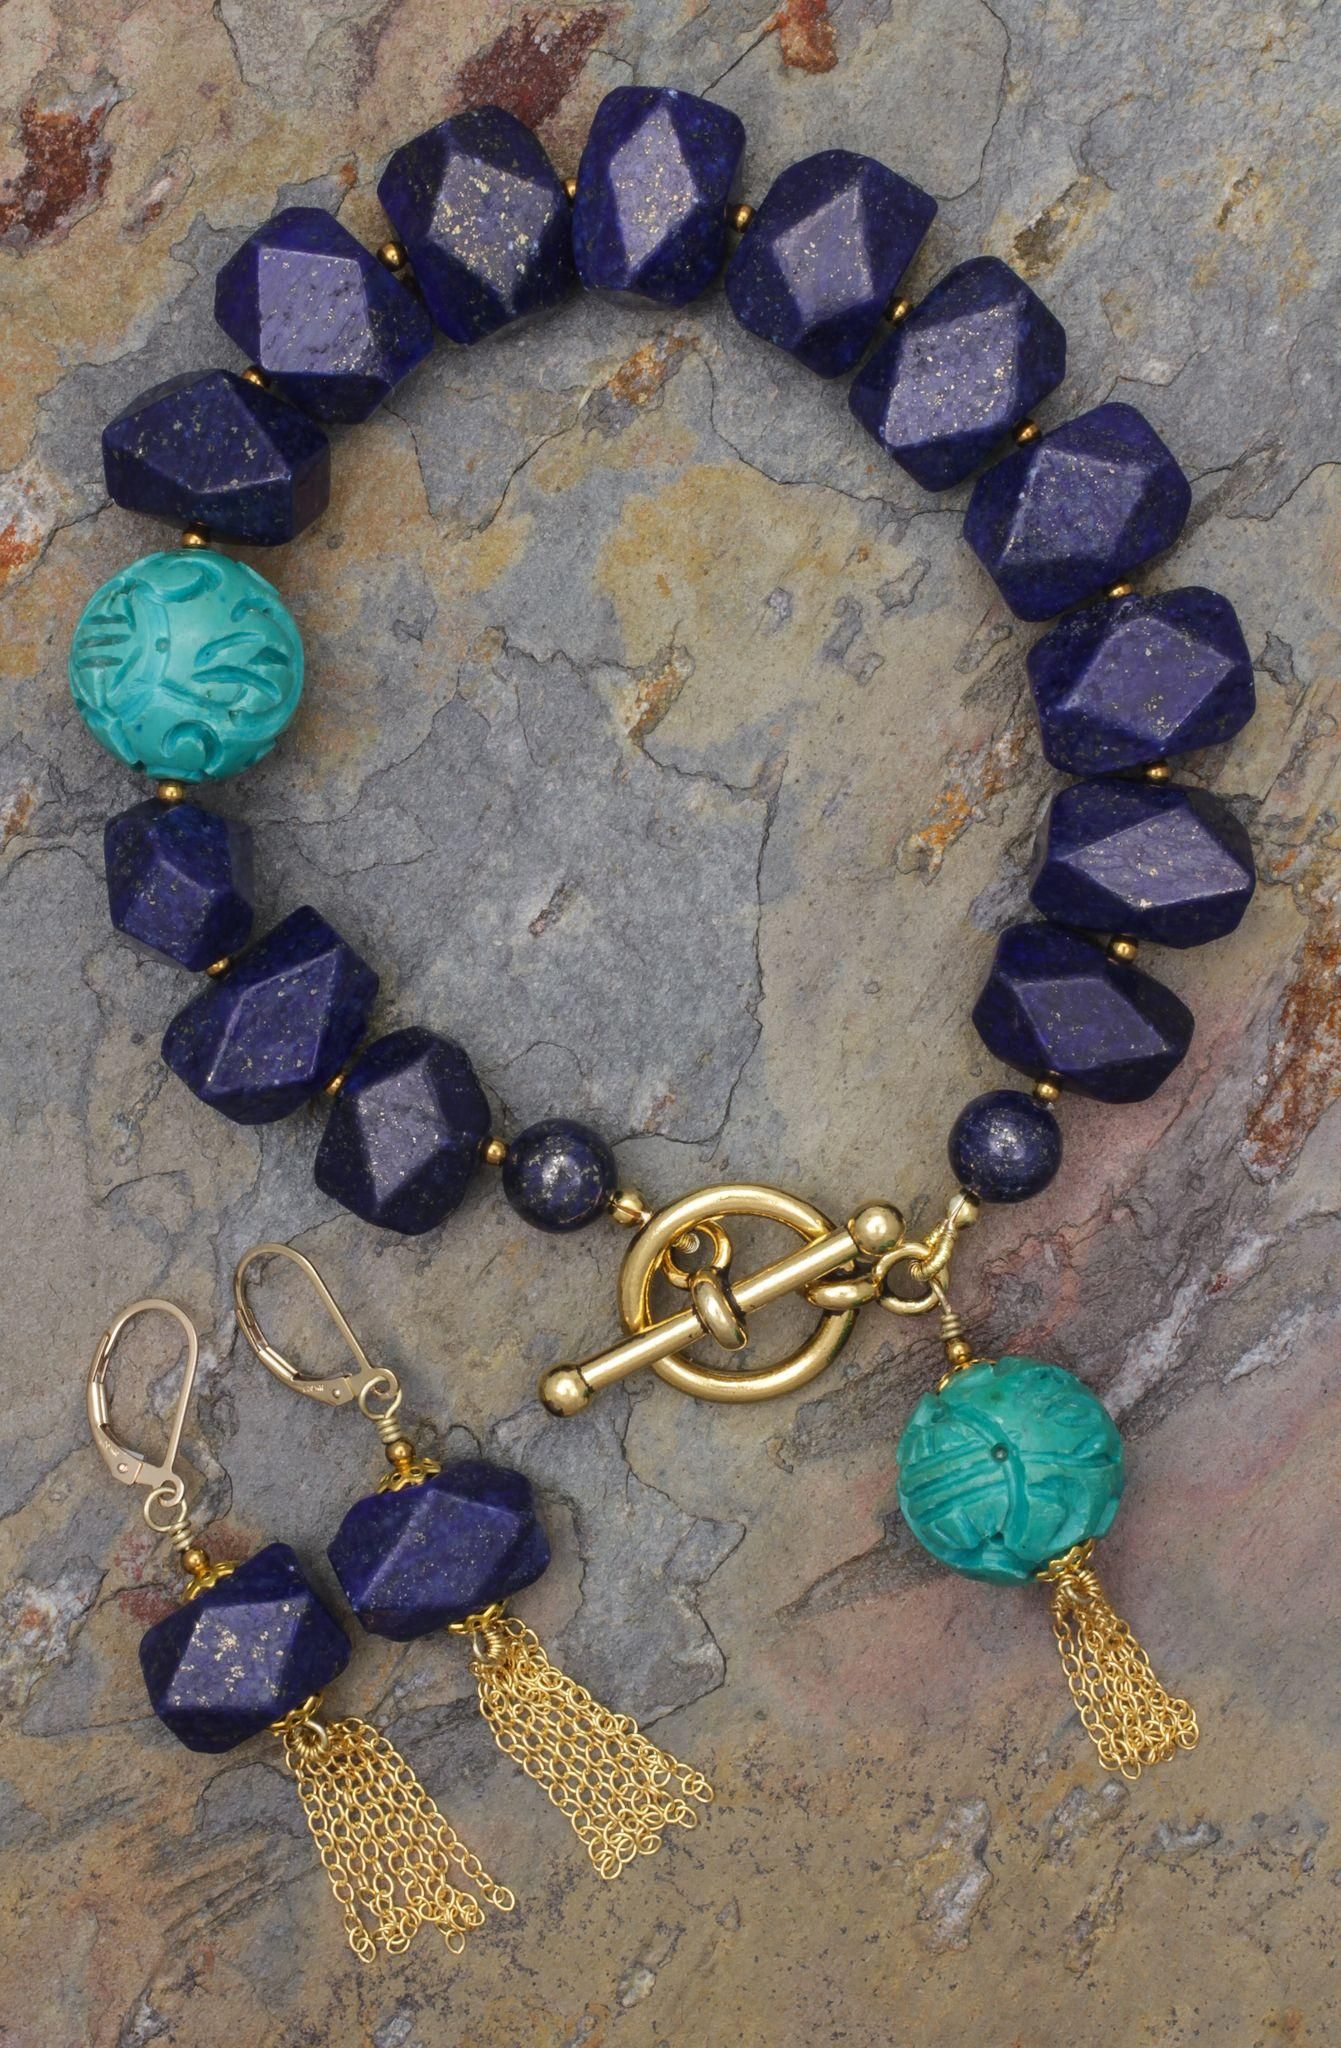 39326019e830 Lapis Lazuli and Turquoise Bracelet and Earrings with Tassels - Lapis  Lazuli and Turquoise Bracelet and Earrings with Tassels